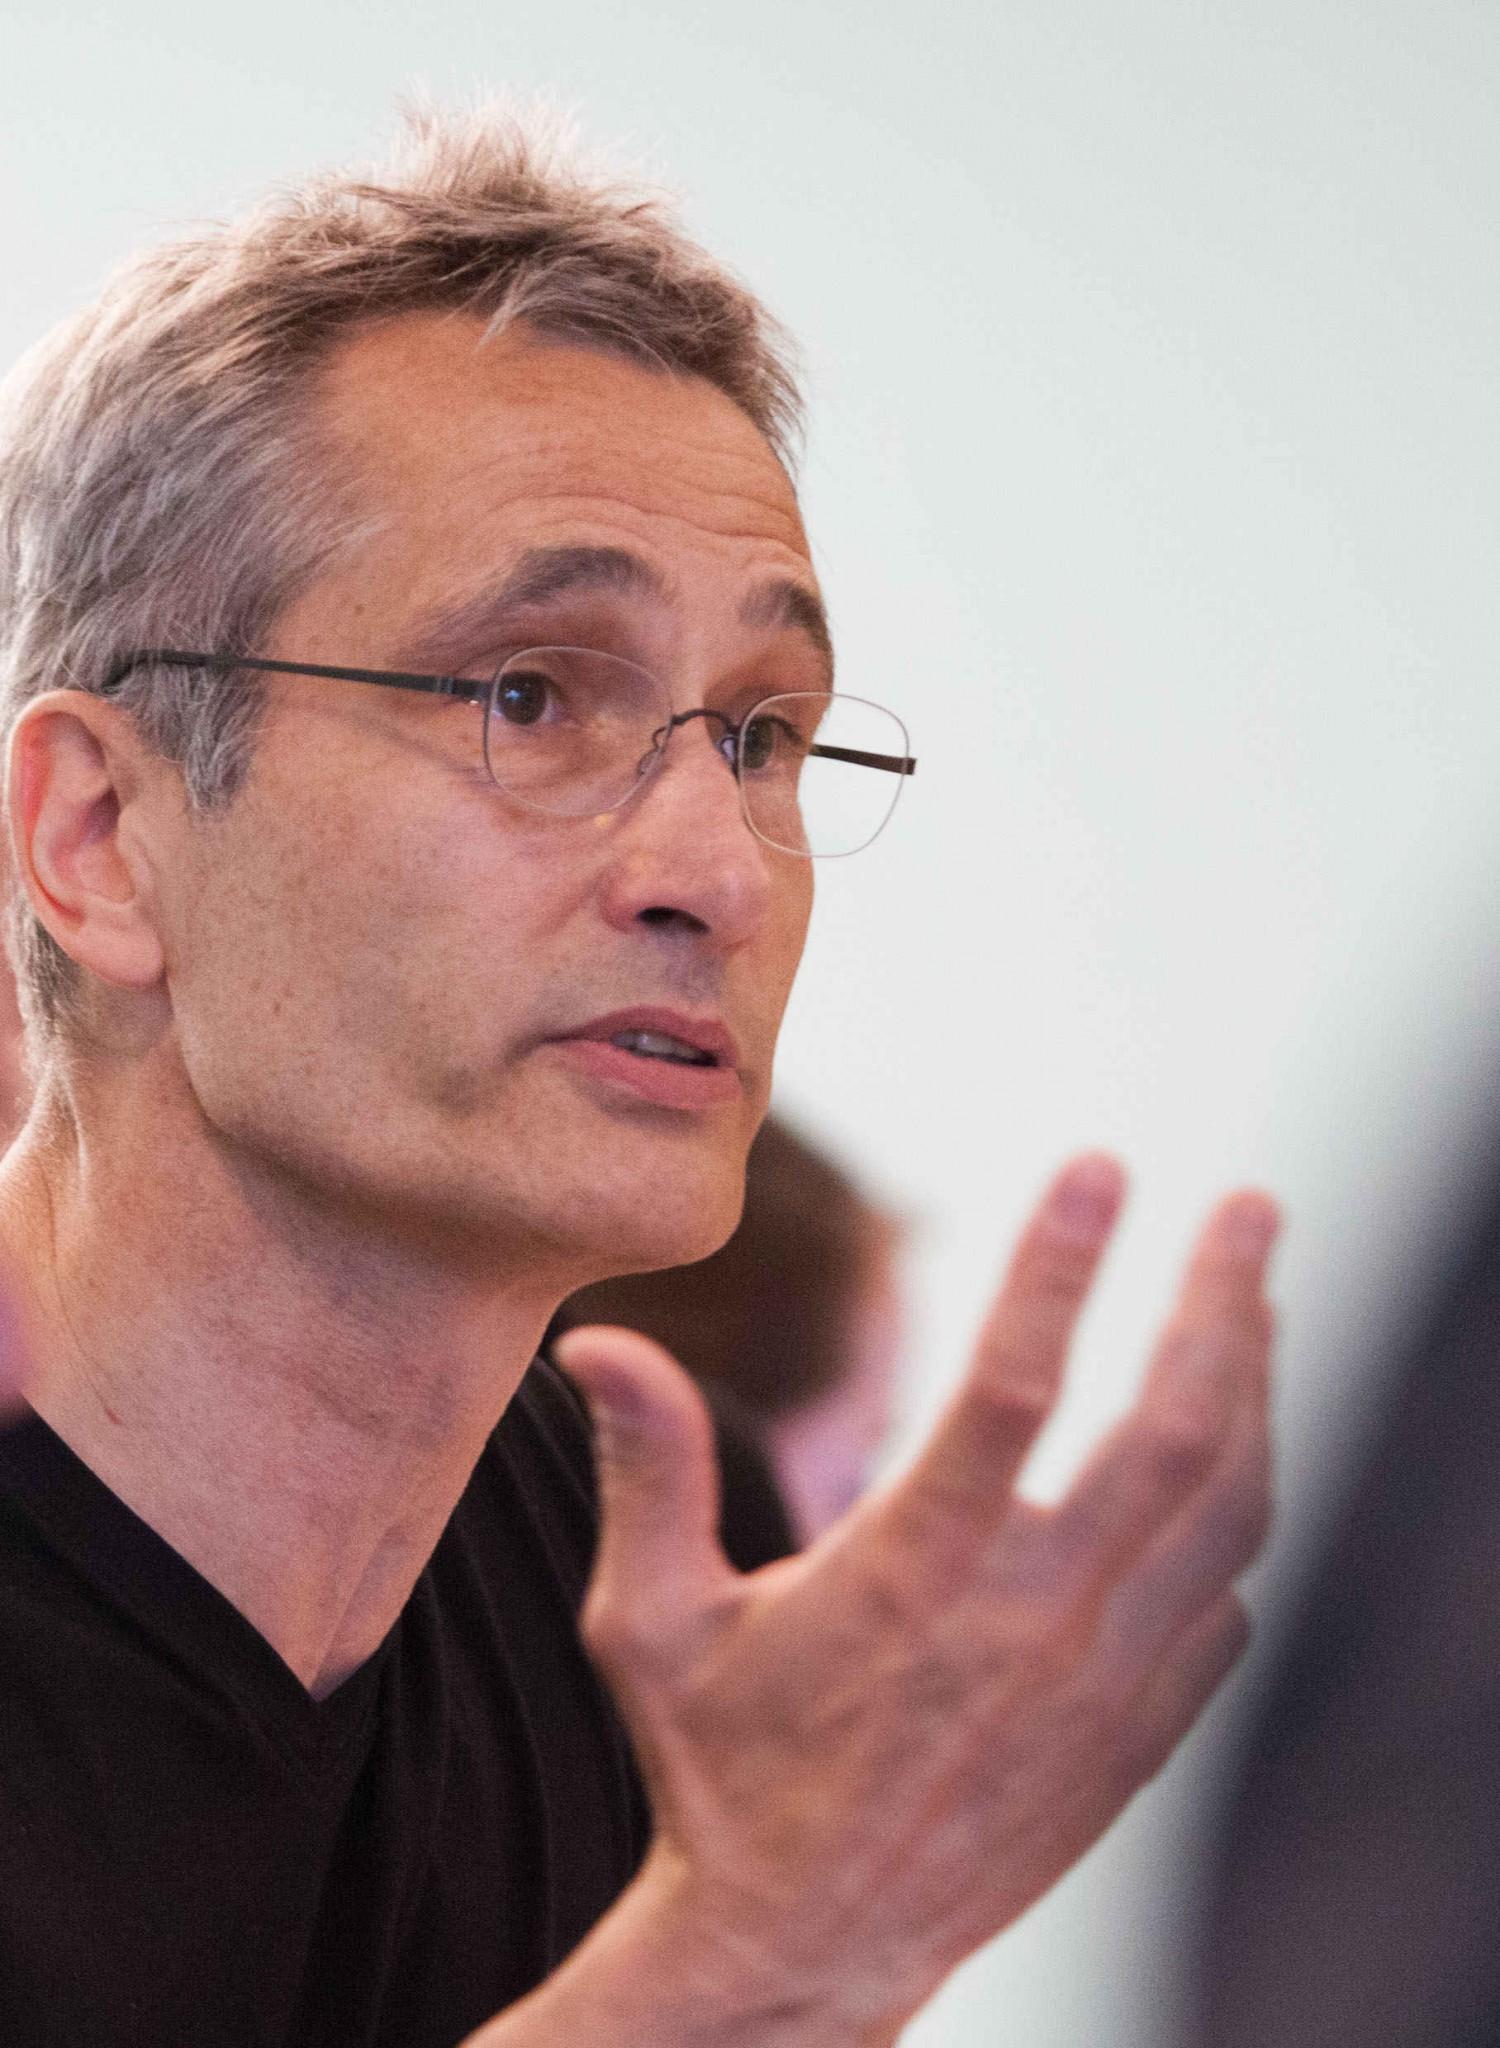 <b>Jörg Plath</b> im Gespräch - Juror-Joerg-PlathcSantiago-Engelhardt